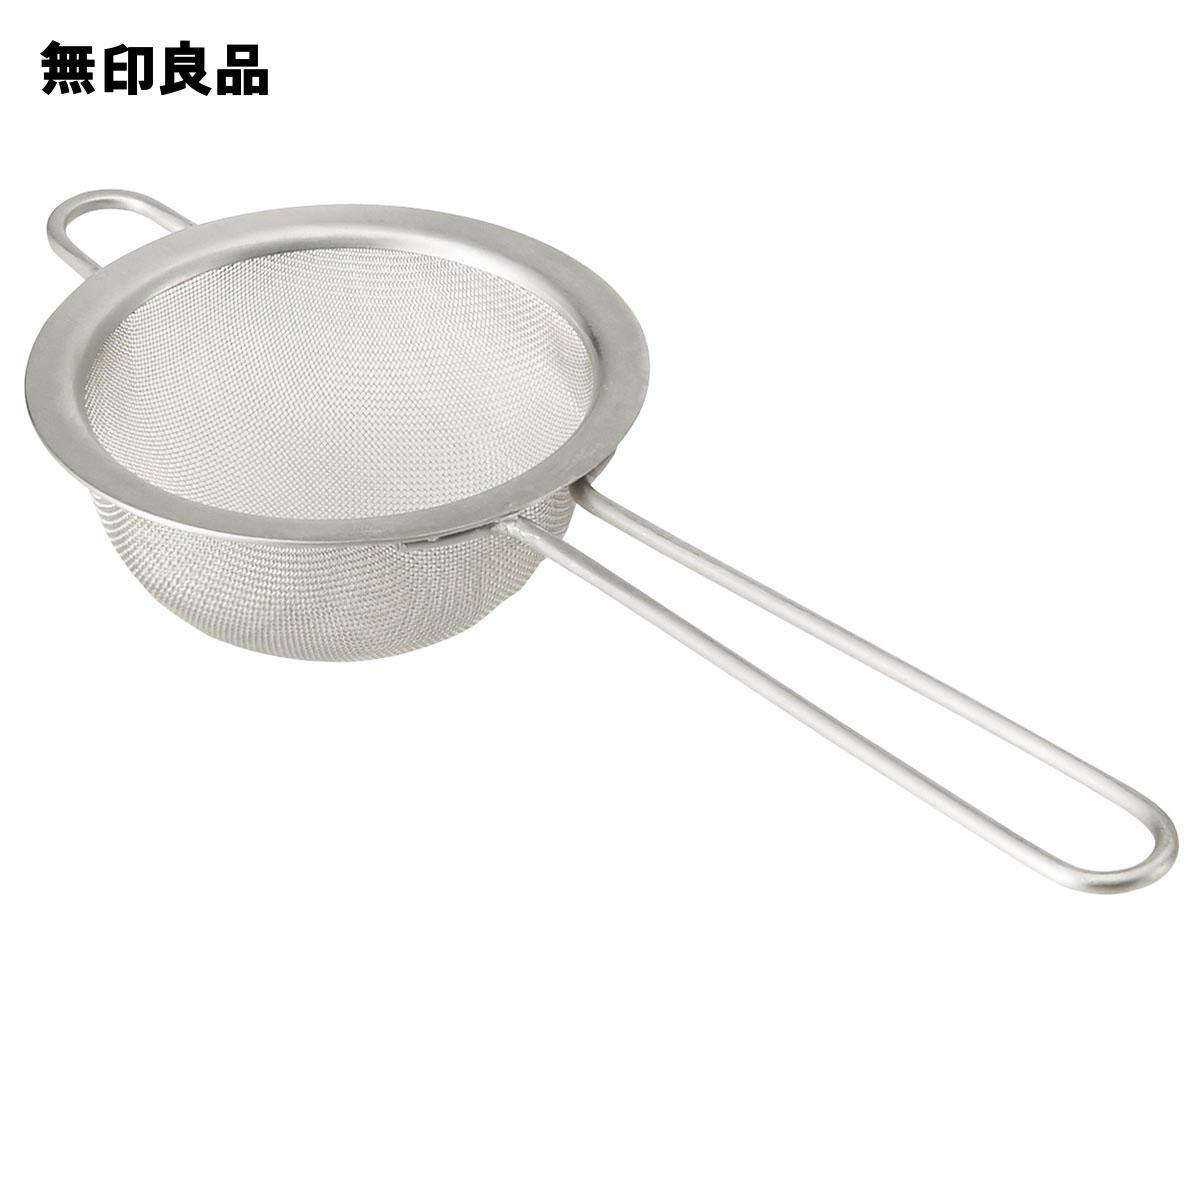 【無印良品 公式】ステンレス 茶こし約幅7.5×長さ17.5cm